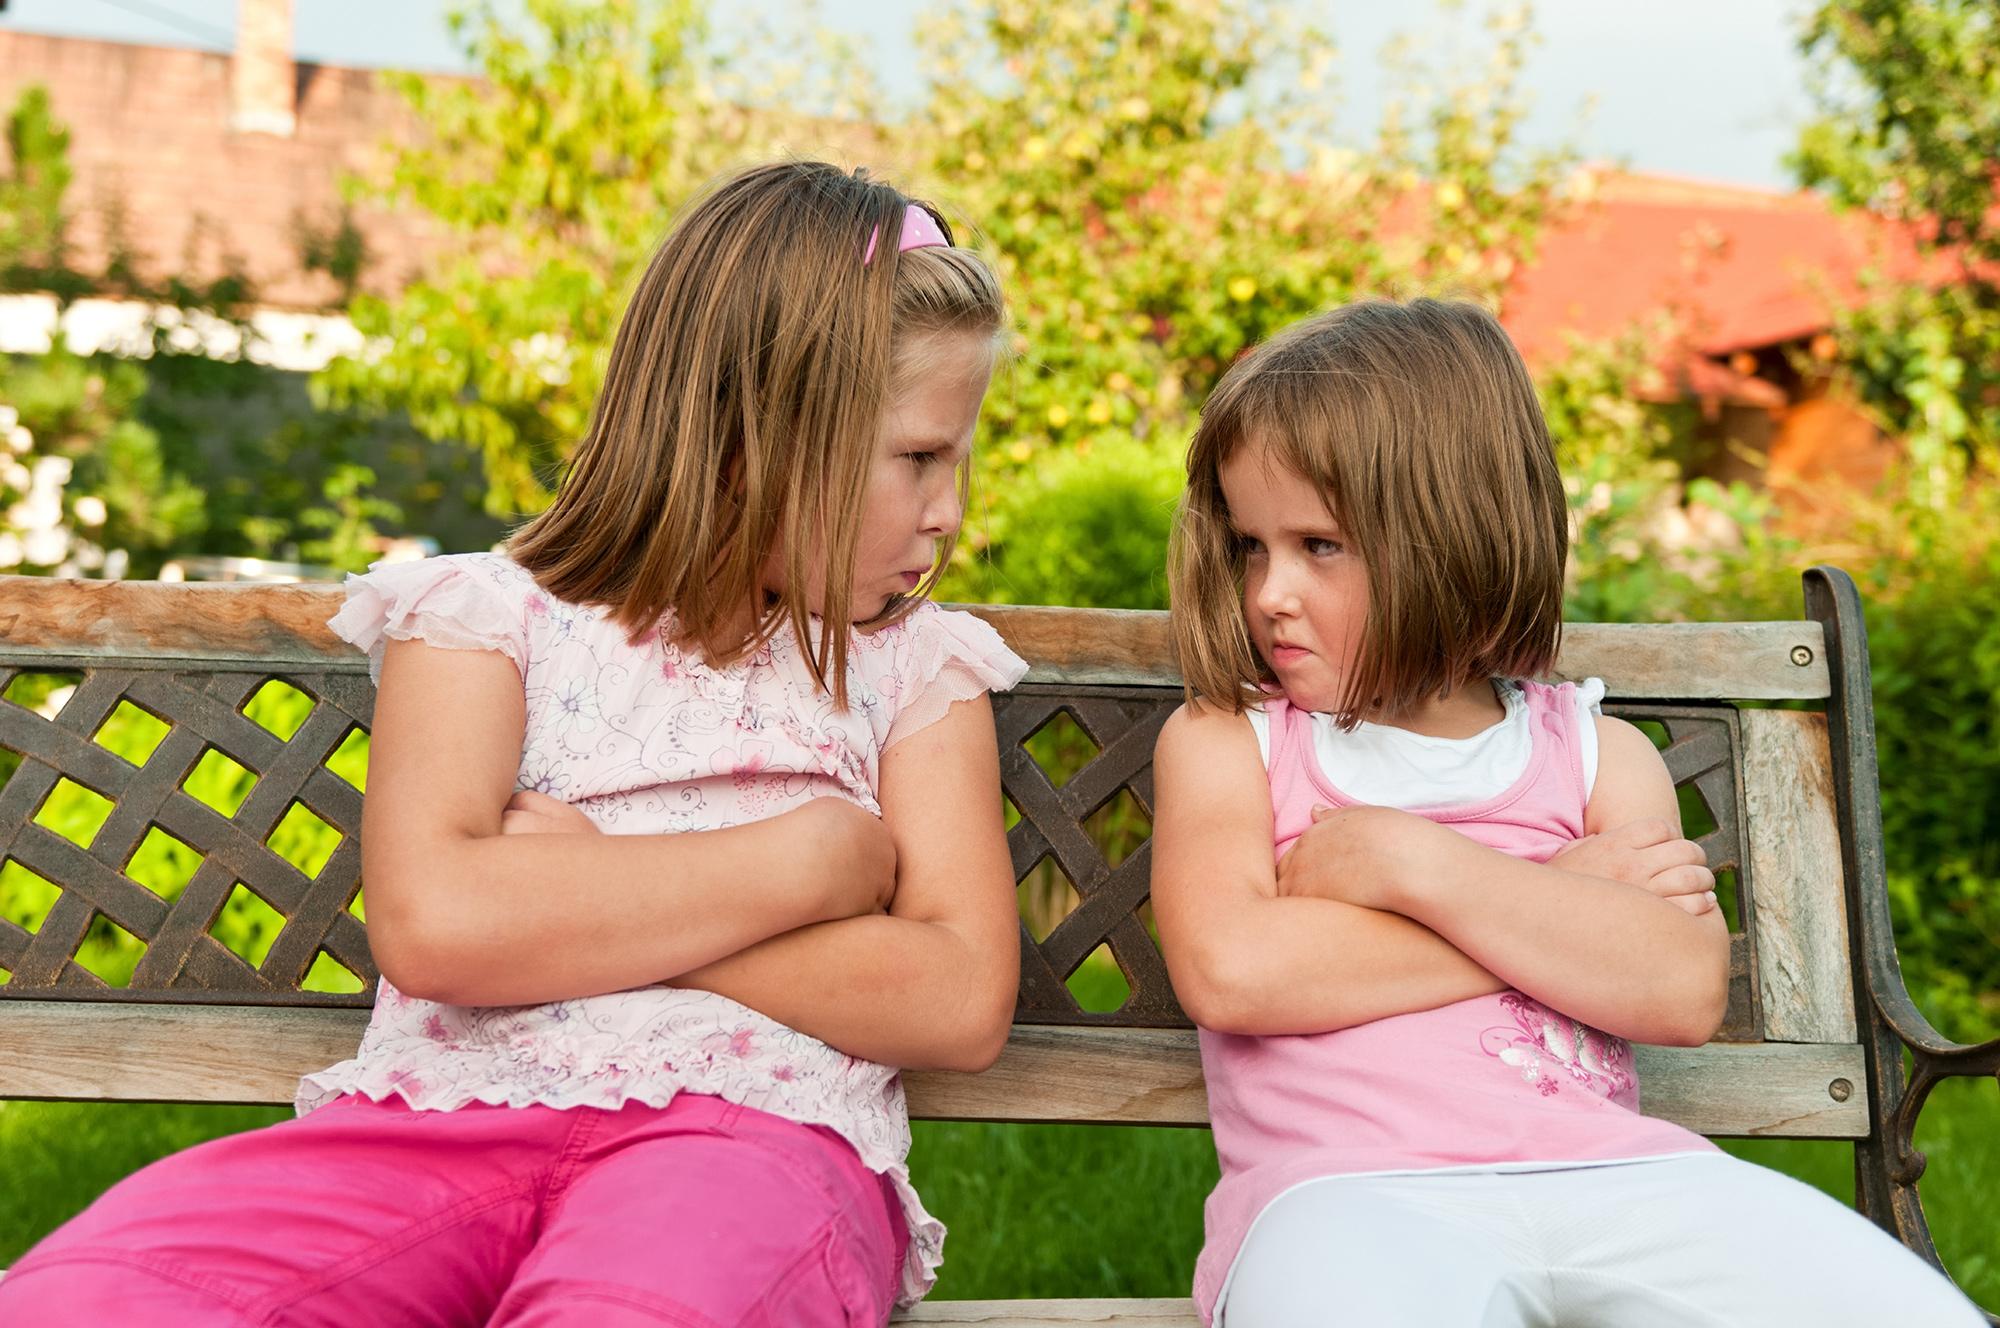 Geschwisterkinder - Was sich liebt das neckt sich